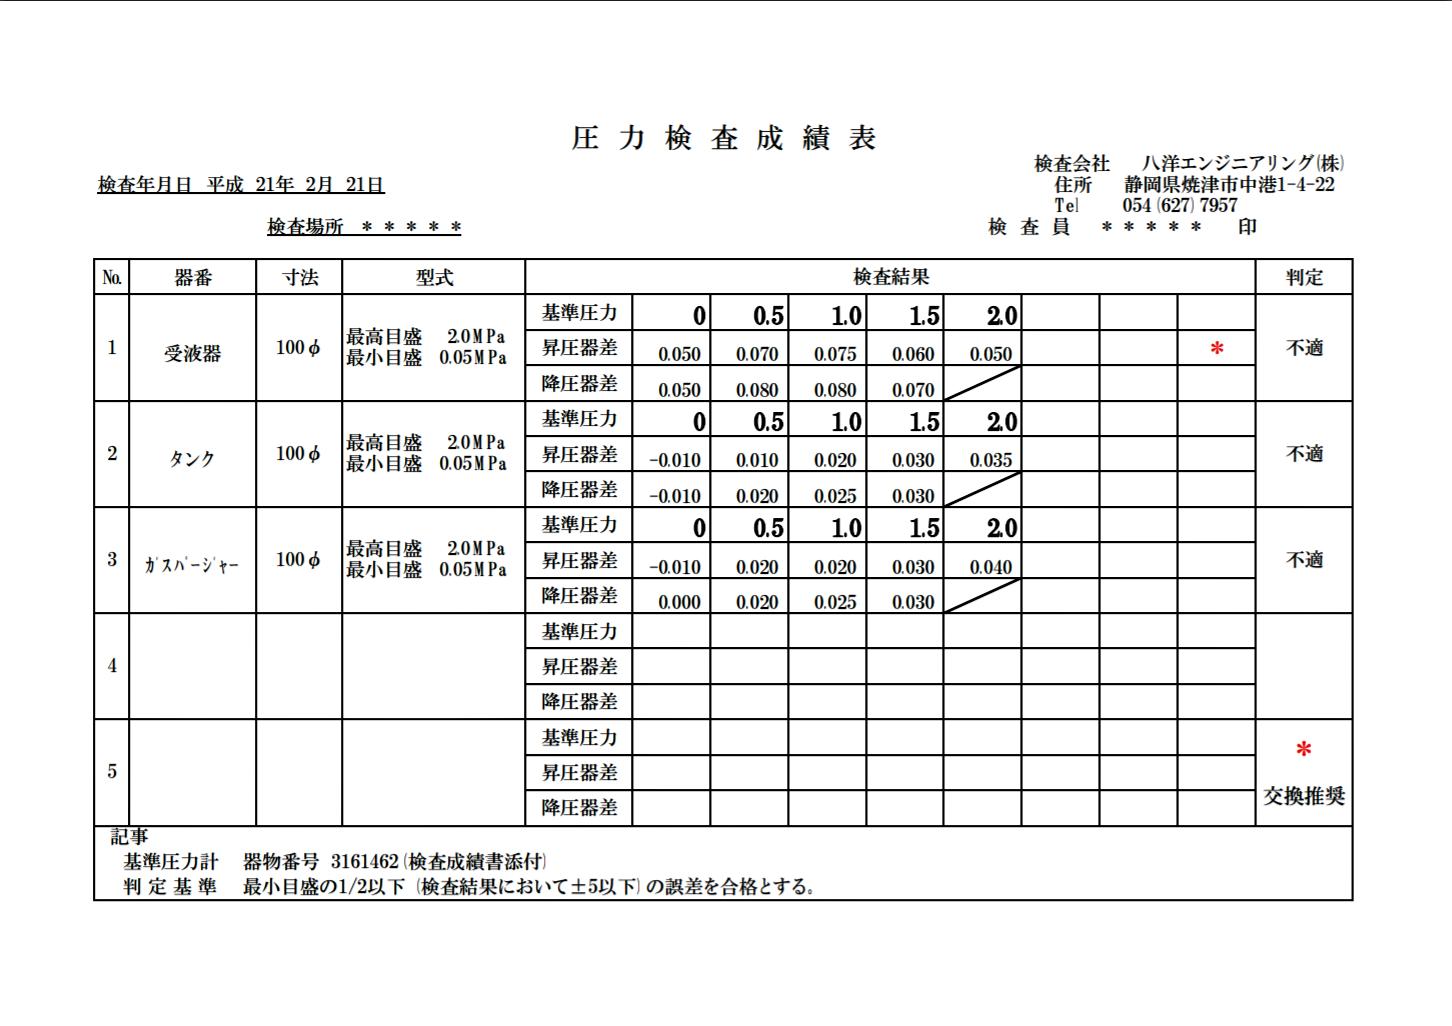 圧力検査成績表